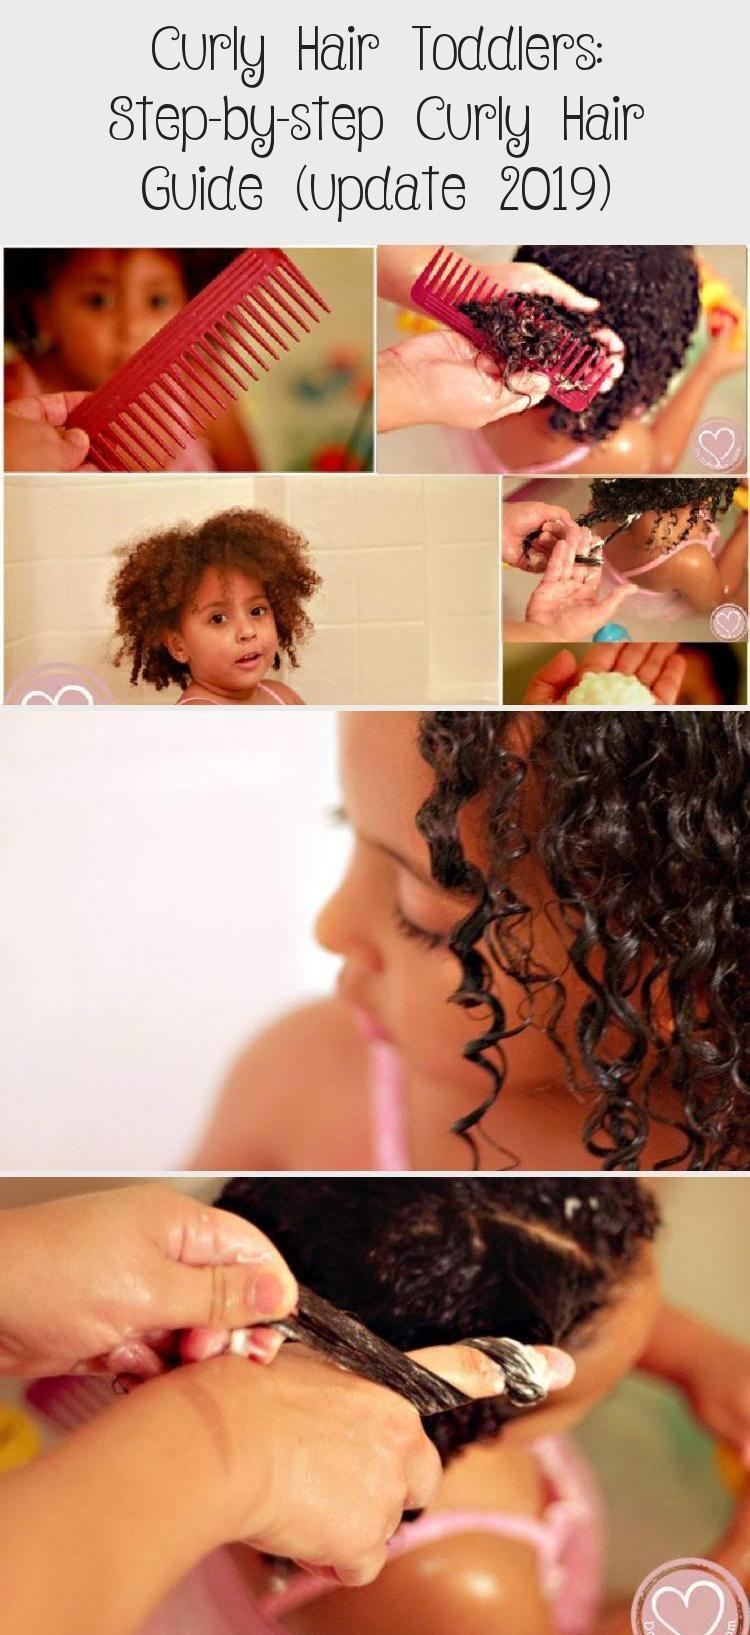 Lockiges Haar Kleinkinder: Schritt für Schritt Leitfaden für lockiges Haar (Update 2019) #curly #guide #h …